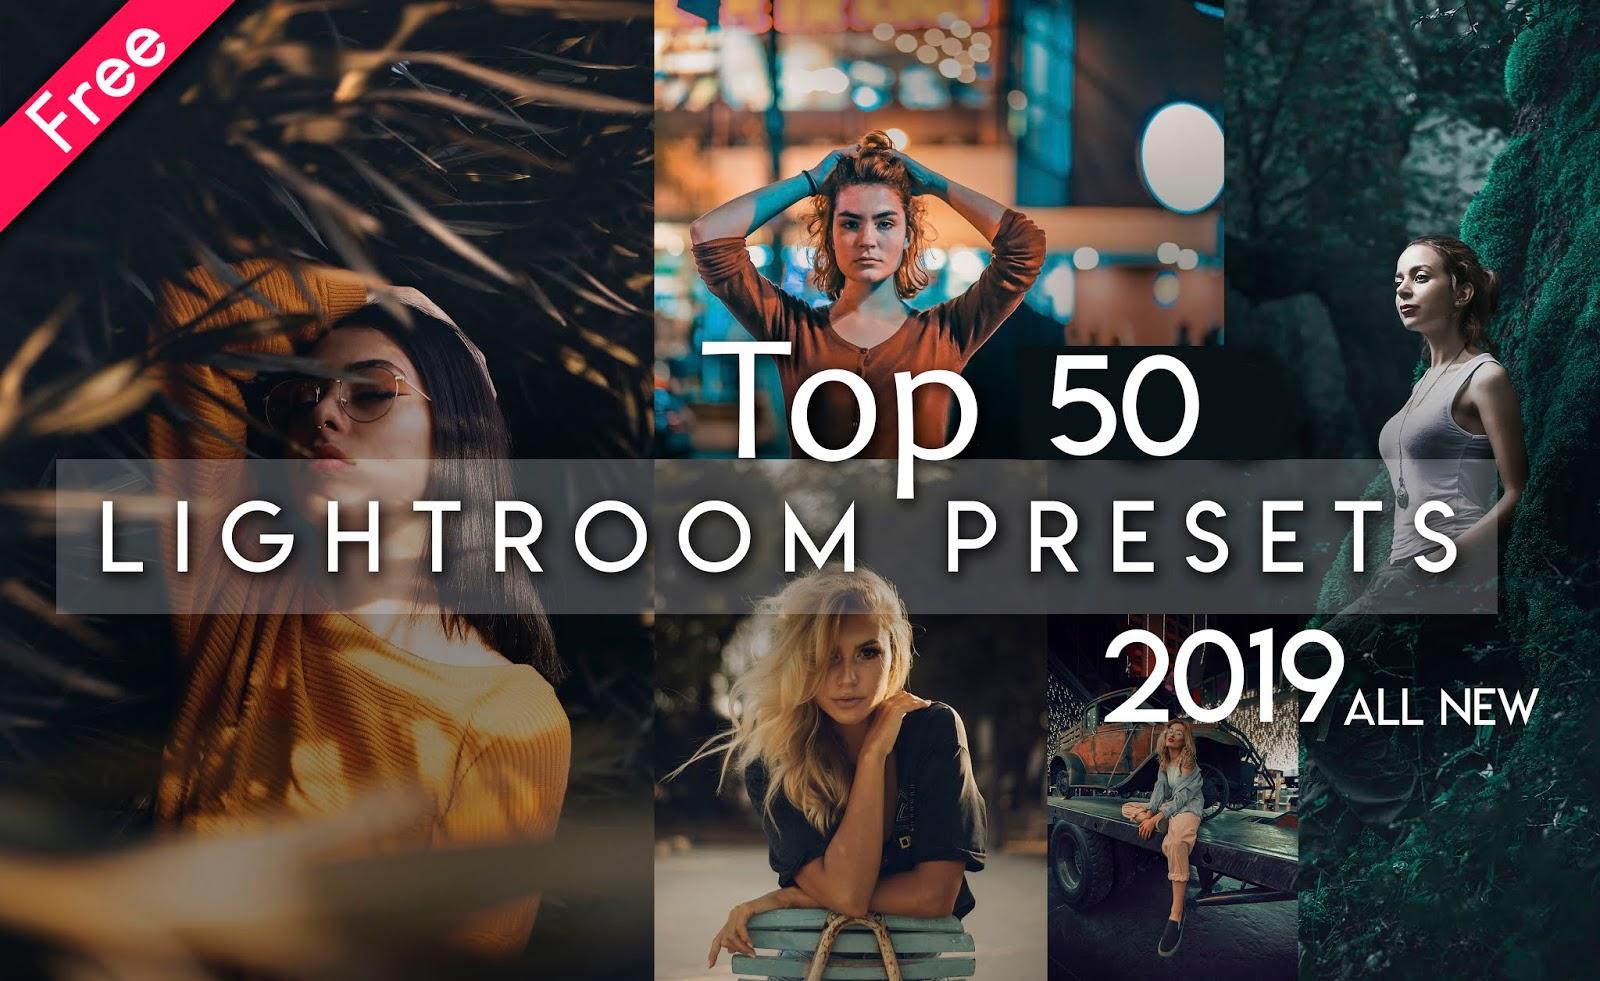 Best Free Lightroom Presets 2019 Download Top 50 Lightroom Presets of 2019 for Free